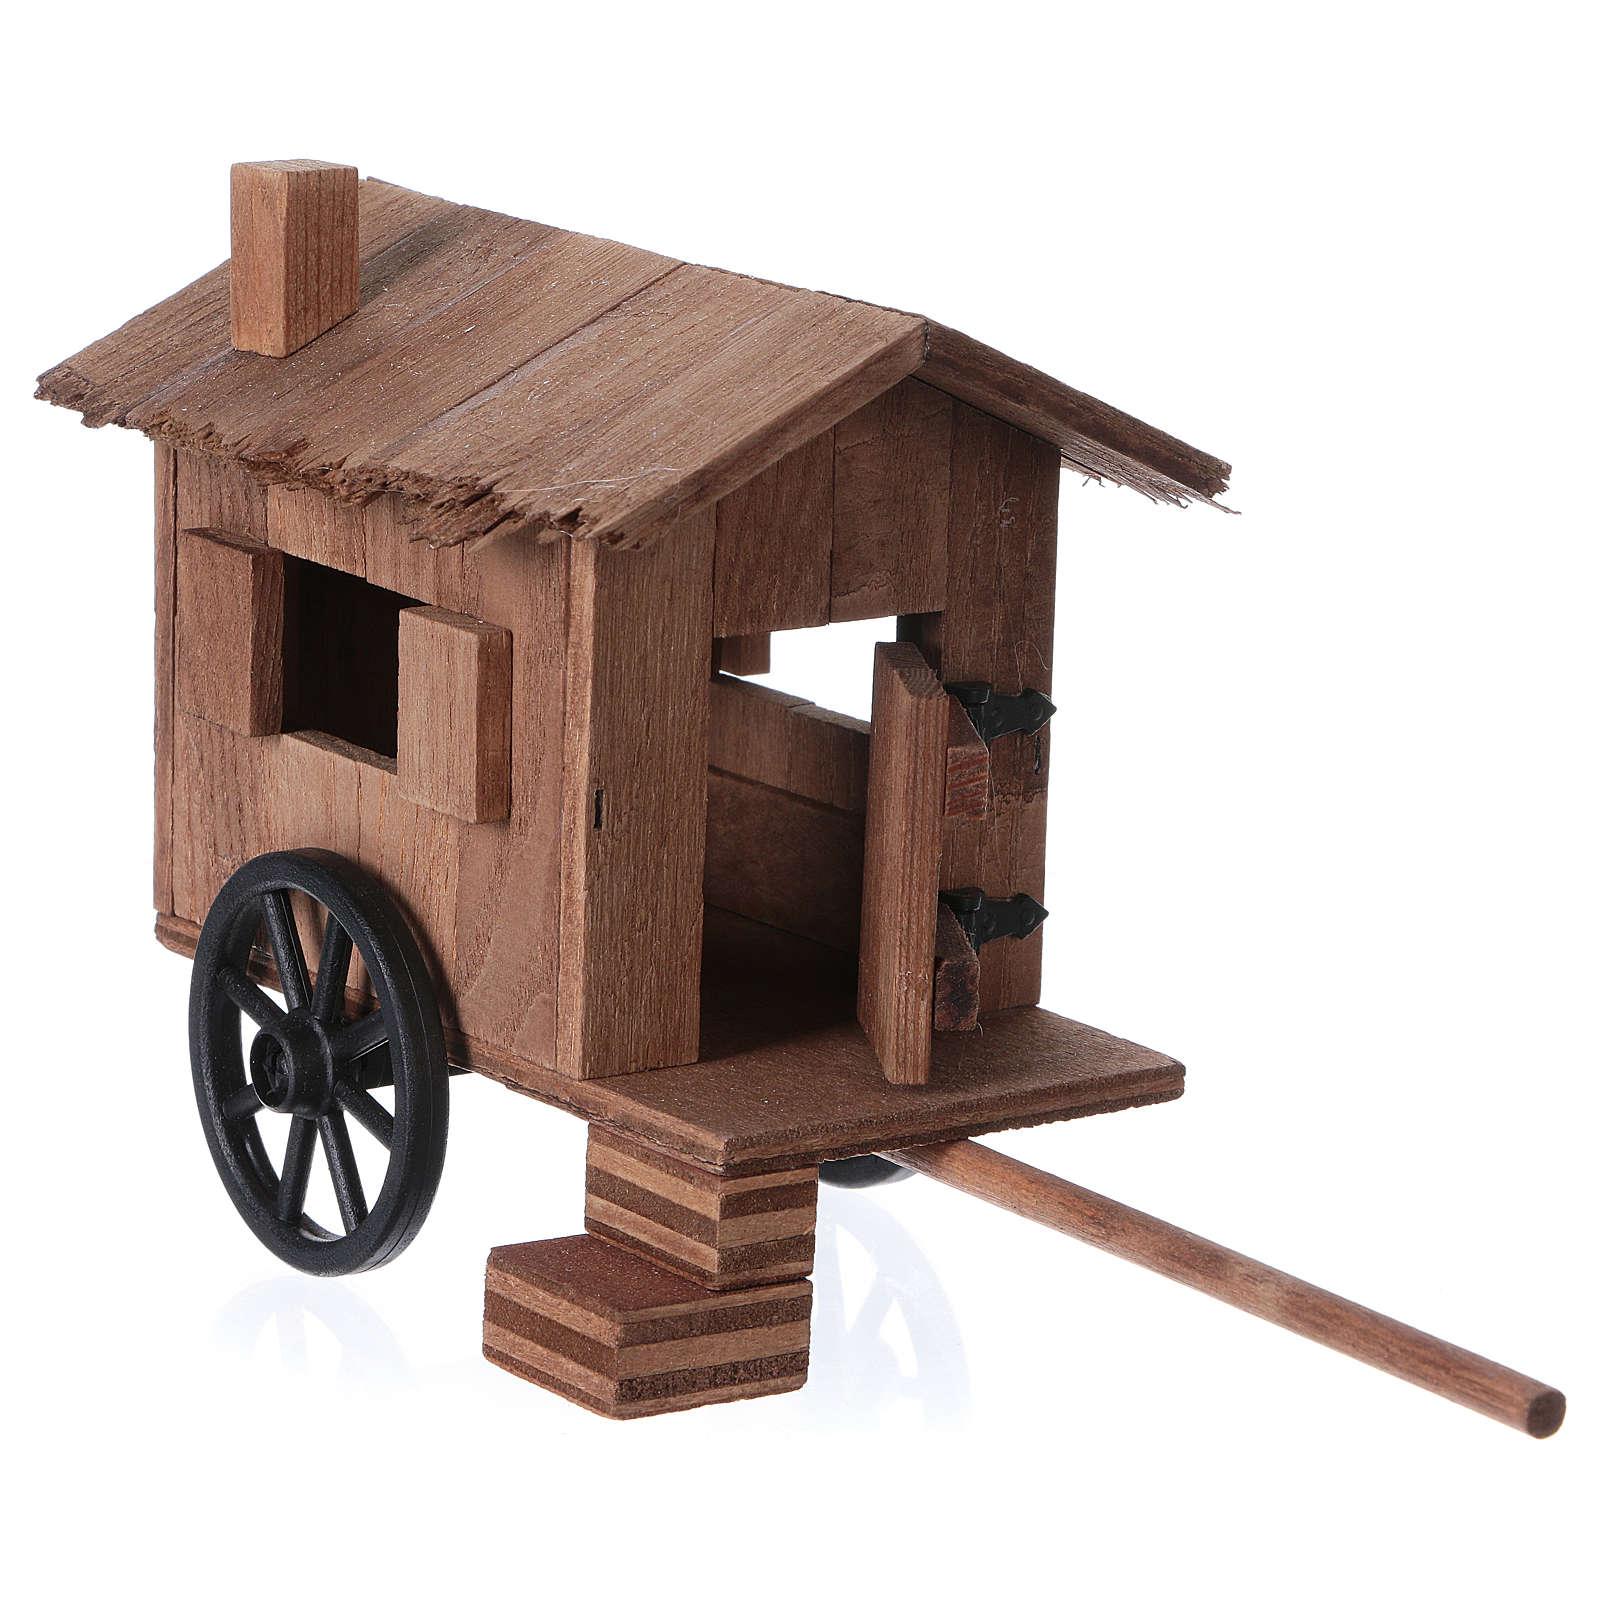 Carretto per animali stile tedesco 11x20x8 cm per presepi di 10-12 cm 4